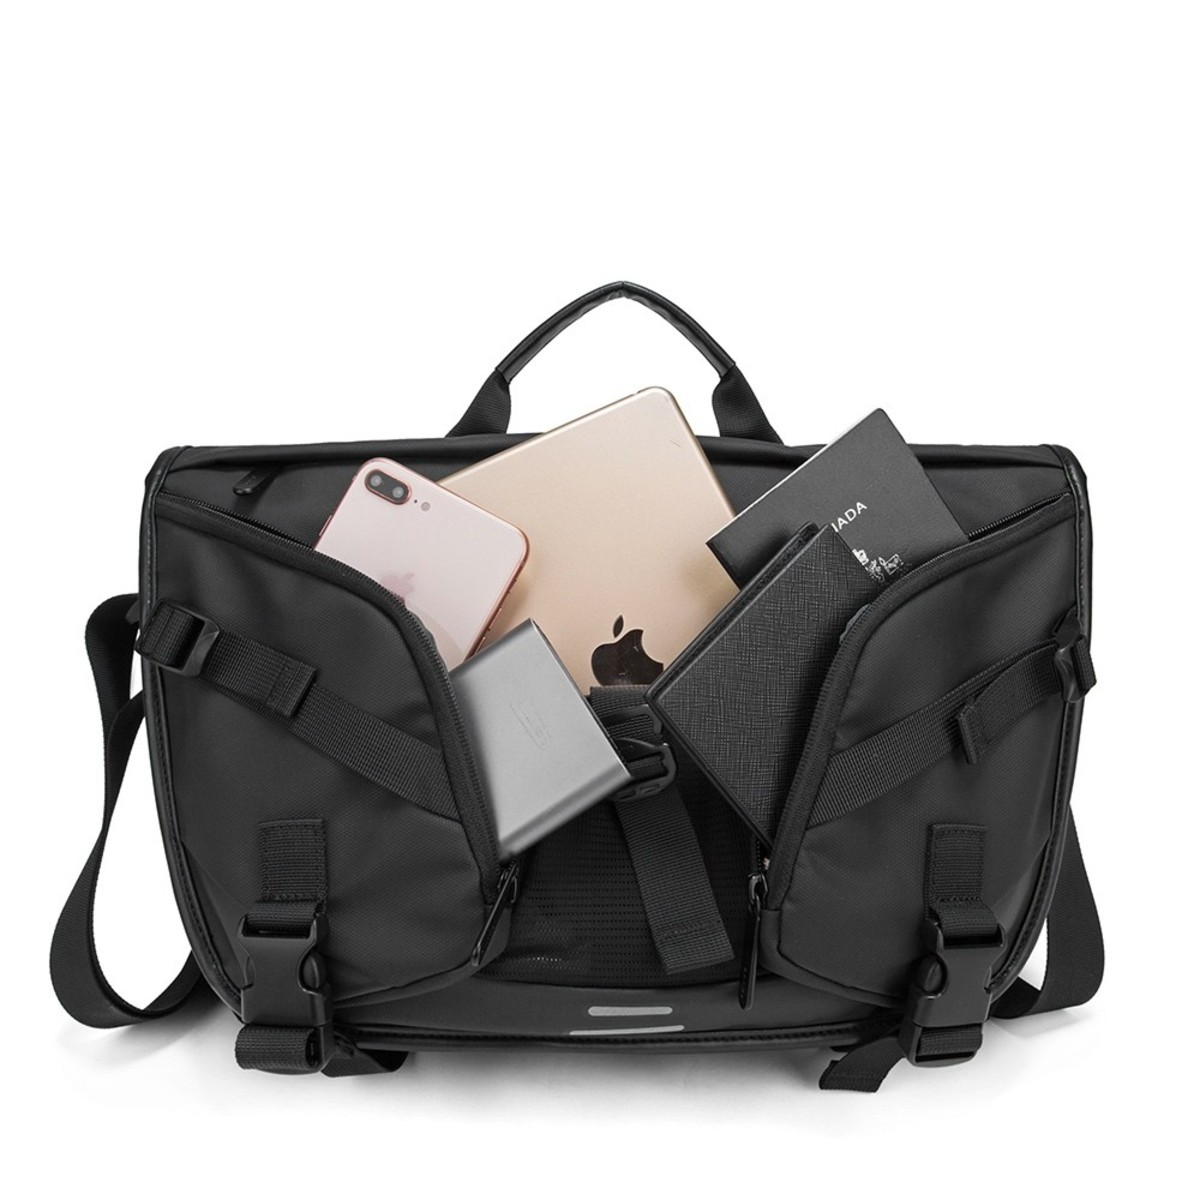 Bolsa Masculina Transversal Pasta Executiva Premium Impermeável para Notebooks de até 15.6 Polegadas com Compartimento Exclusivo para Tablets e Smartphones Bolsa Carteiro Masculina Shoulder Bag Bange